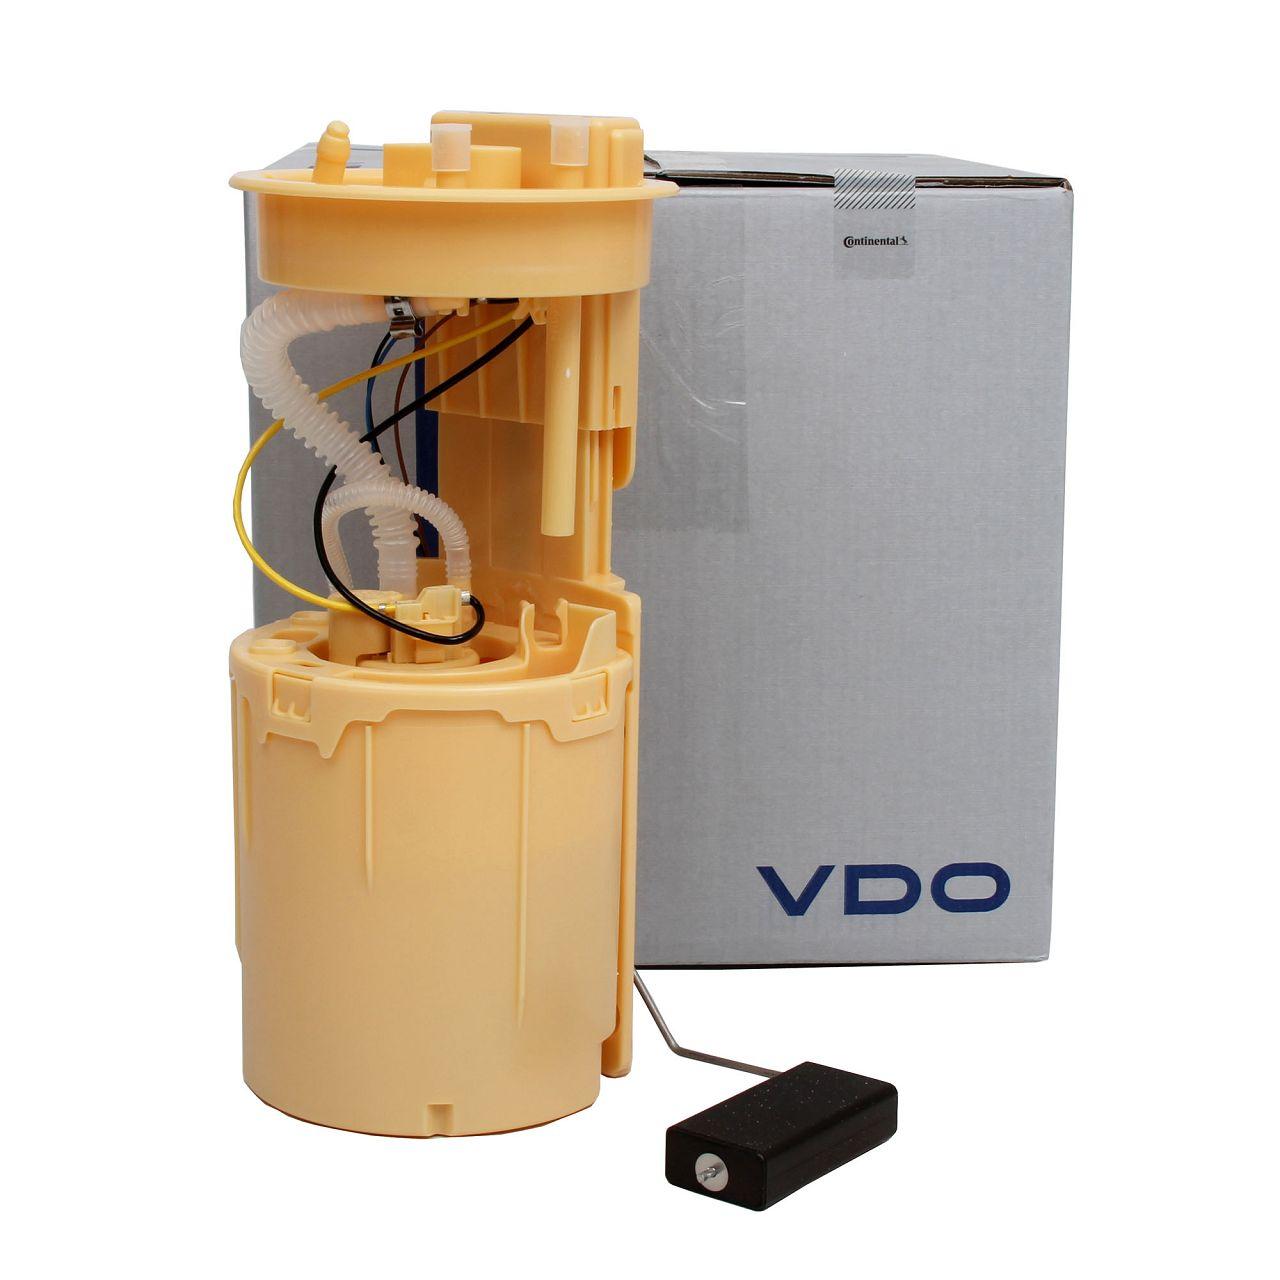 VDO Kraftstoffpumpe Dieselpumpe Fördereinheit VW Caddy 3 1.9 TDI 2.0 SDI/TDI